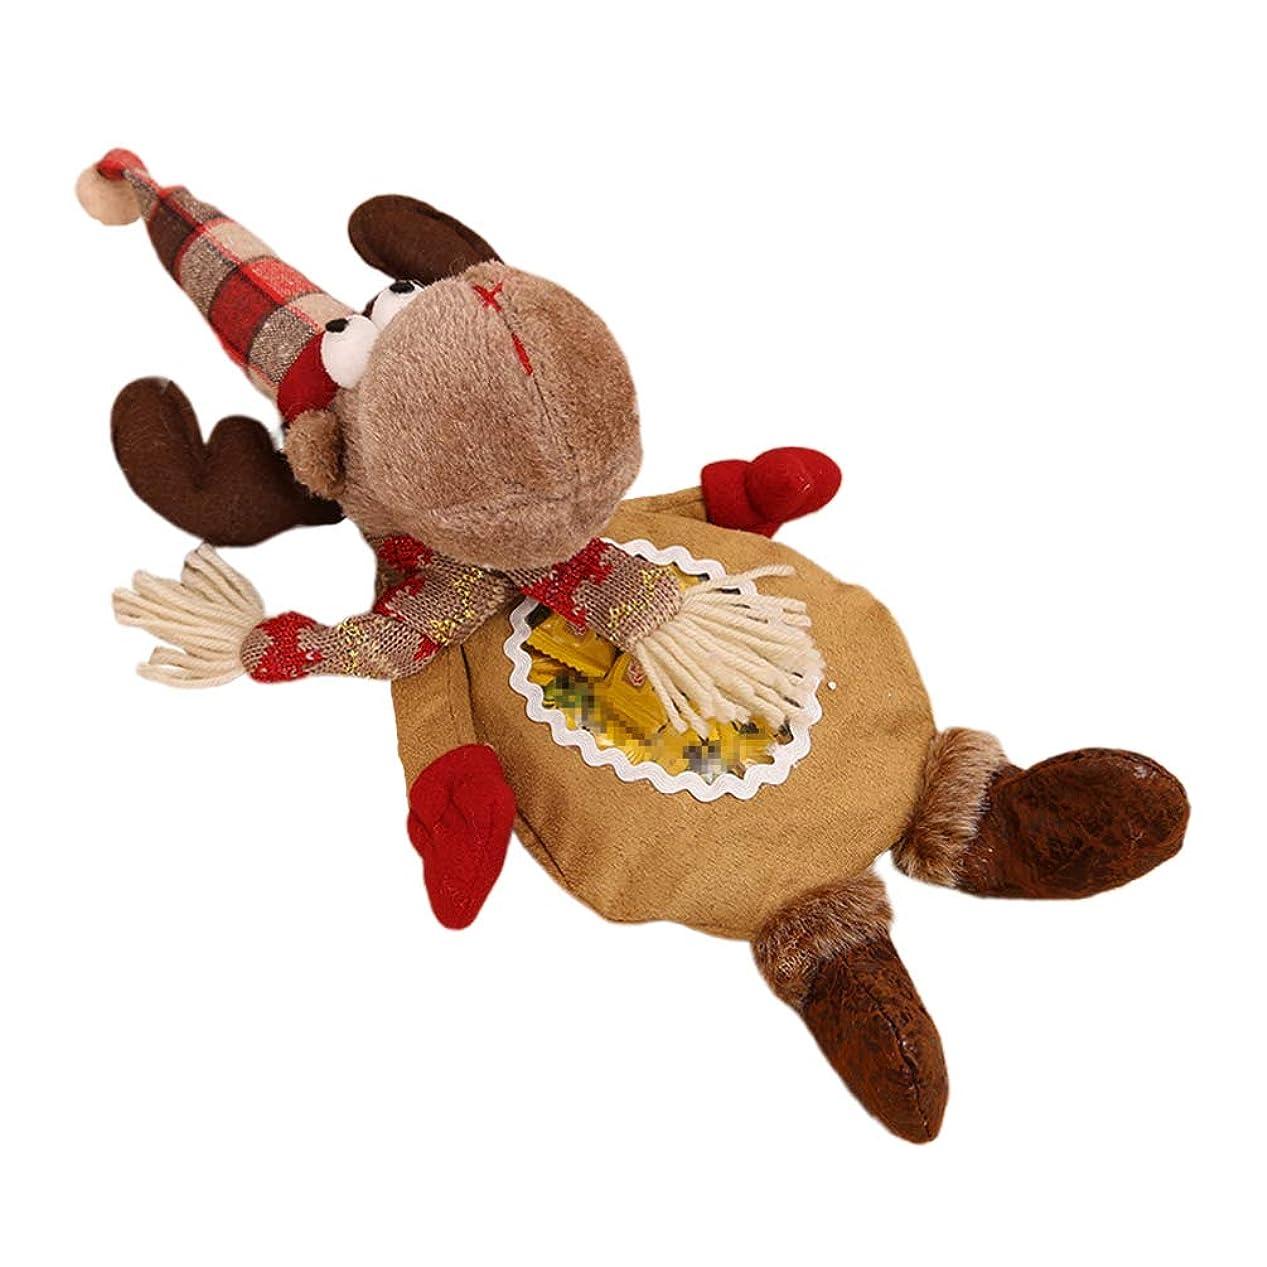 住人科学カーペットAmosfun パーティー用クリスマスキャンディバッグエルク布ギフトバッグクリスマスパーティー用品(elk)